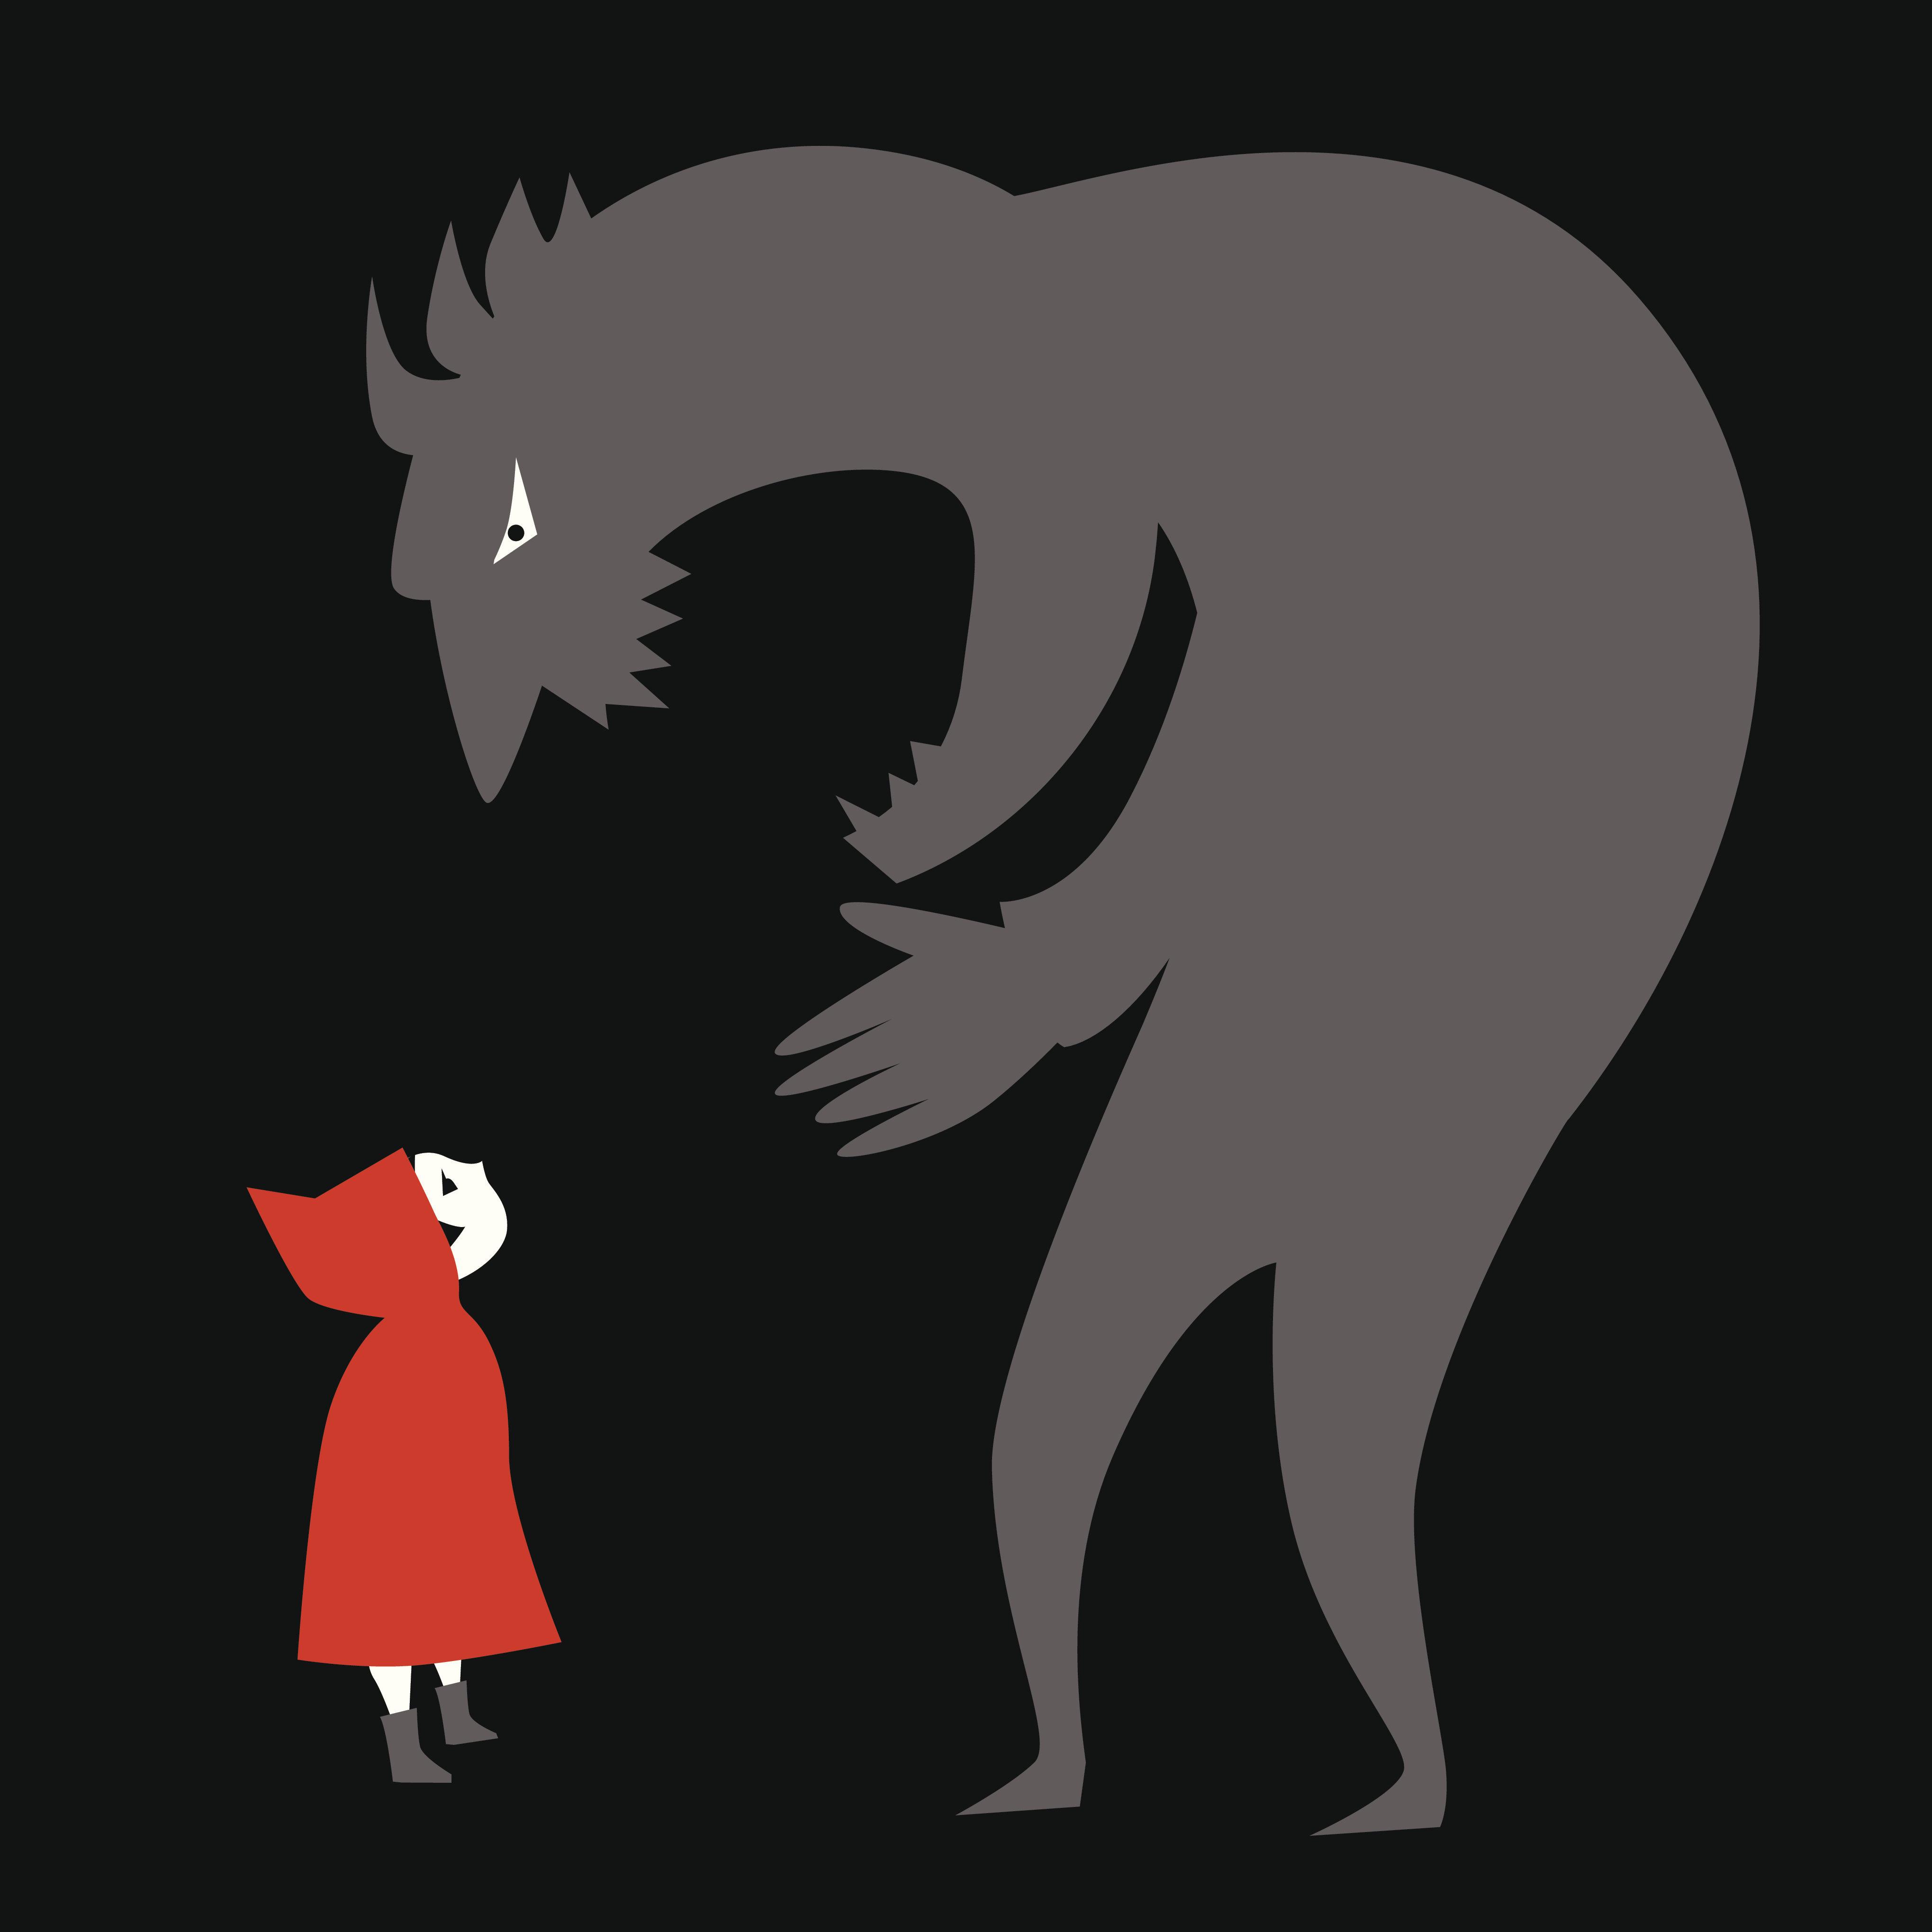 Υπόθεση Γεωργιάδη: Παιδιά και